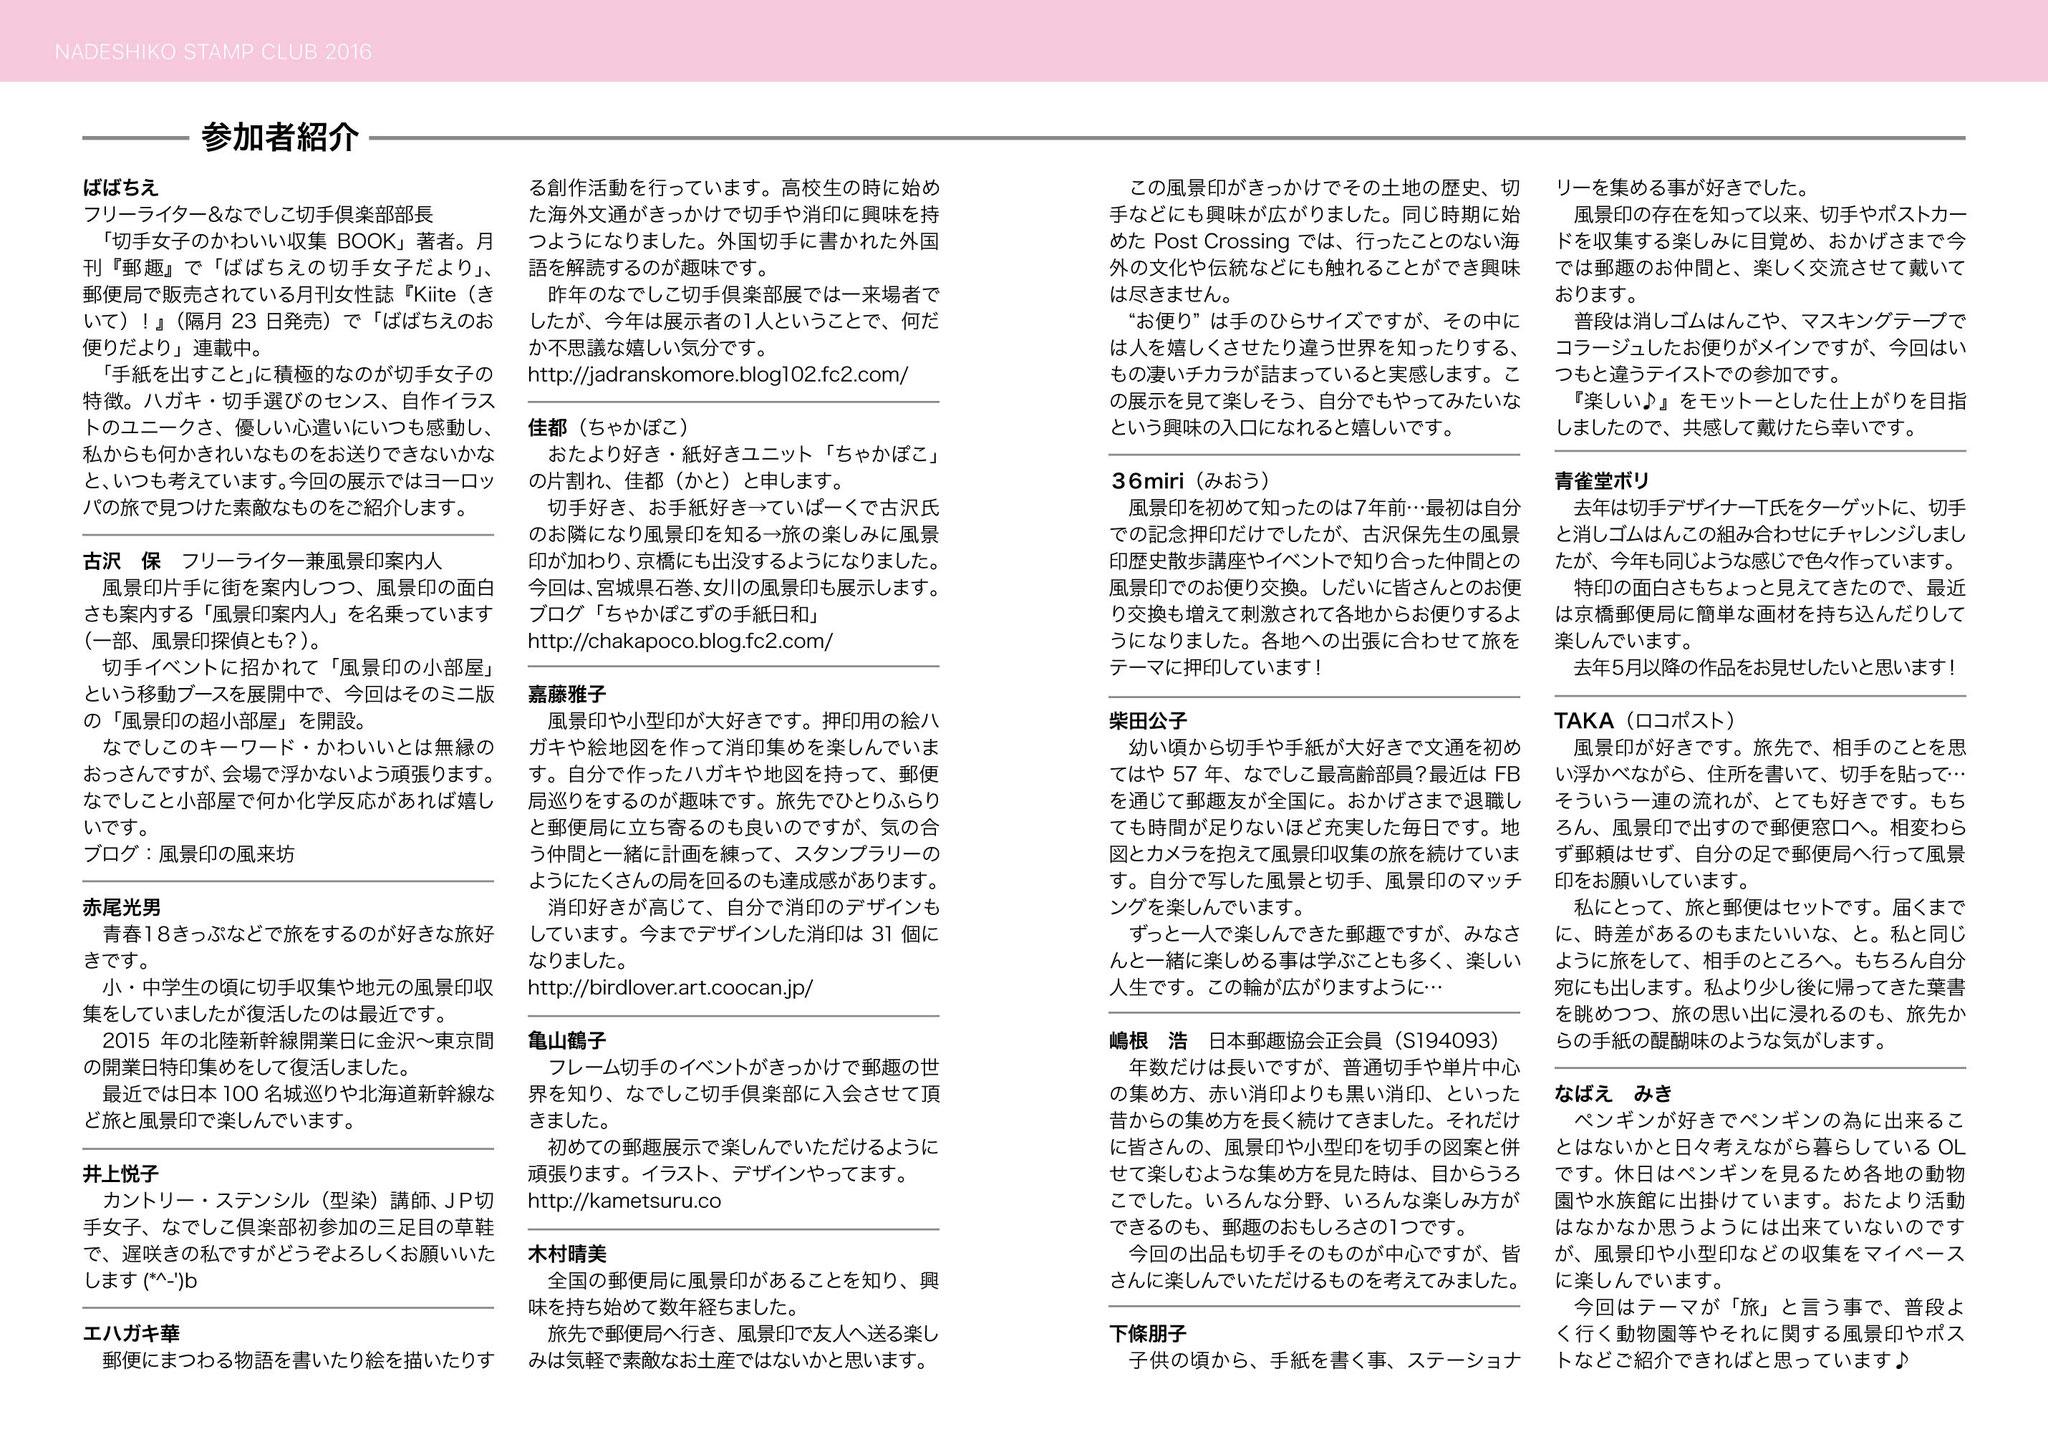 なでしこ切手倶楽部展2016パンフレット P2-3